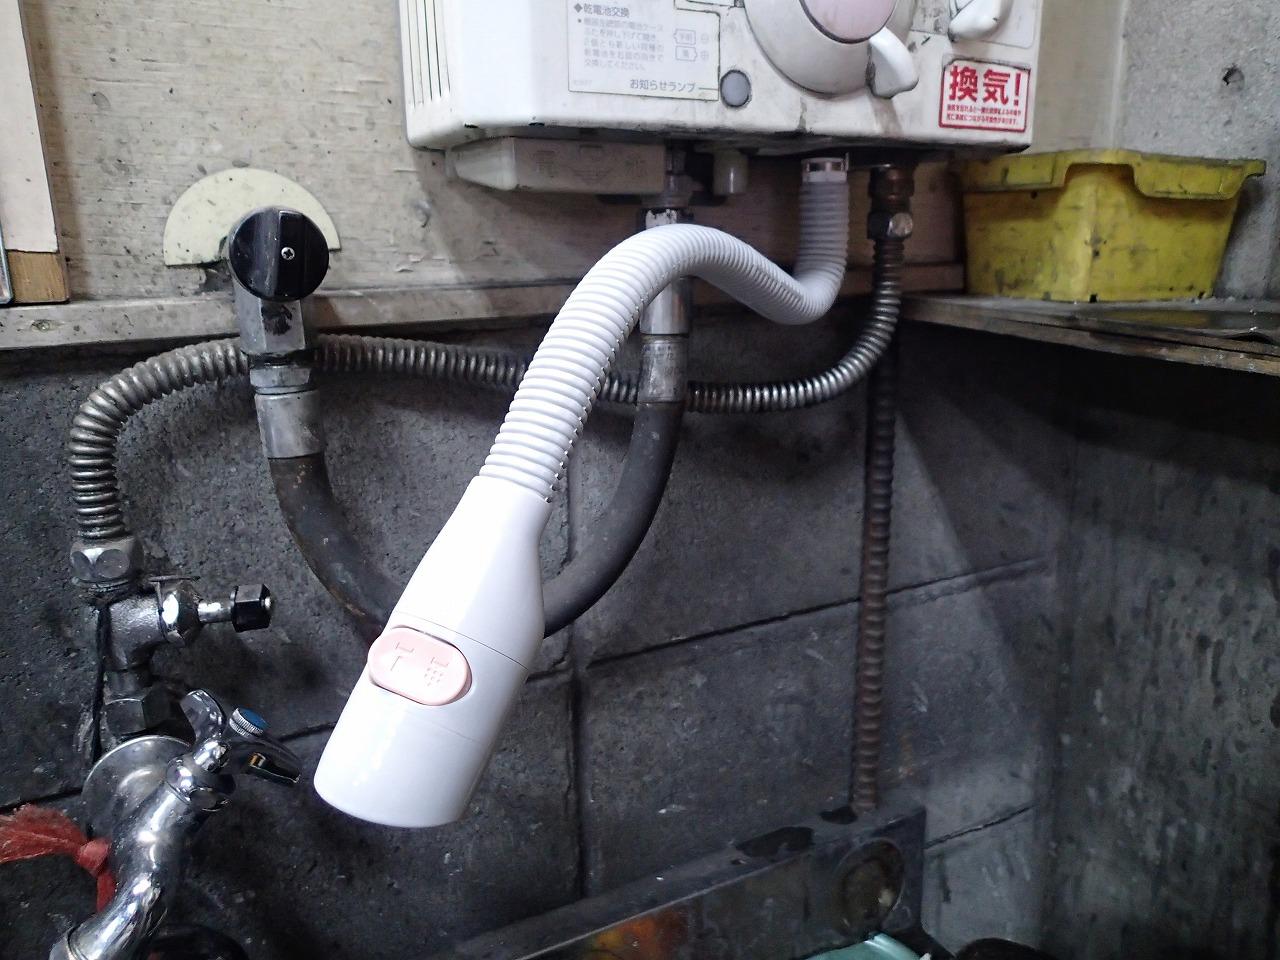 瞬間湯沸かし器ハーマンYR546 シャワー出湯配管